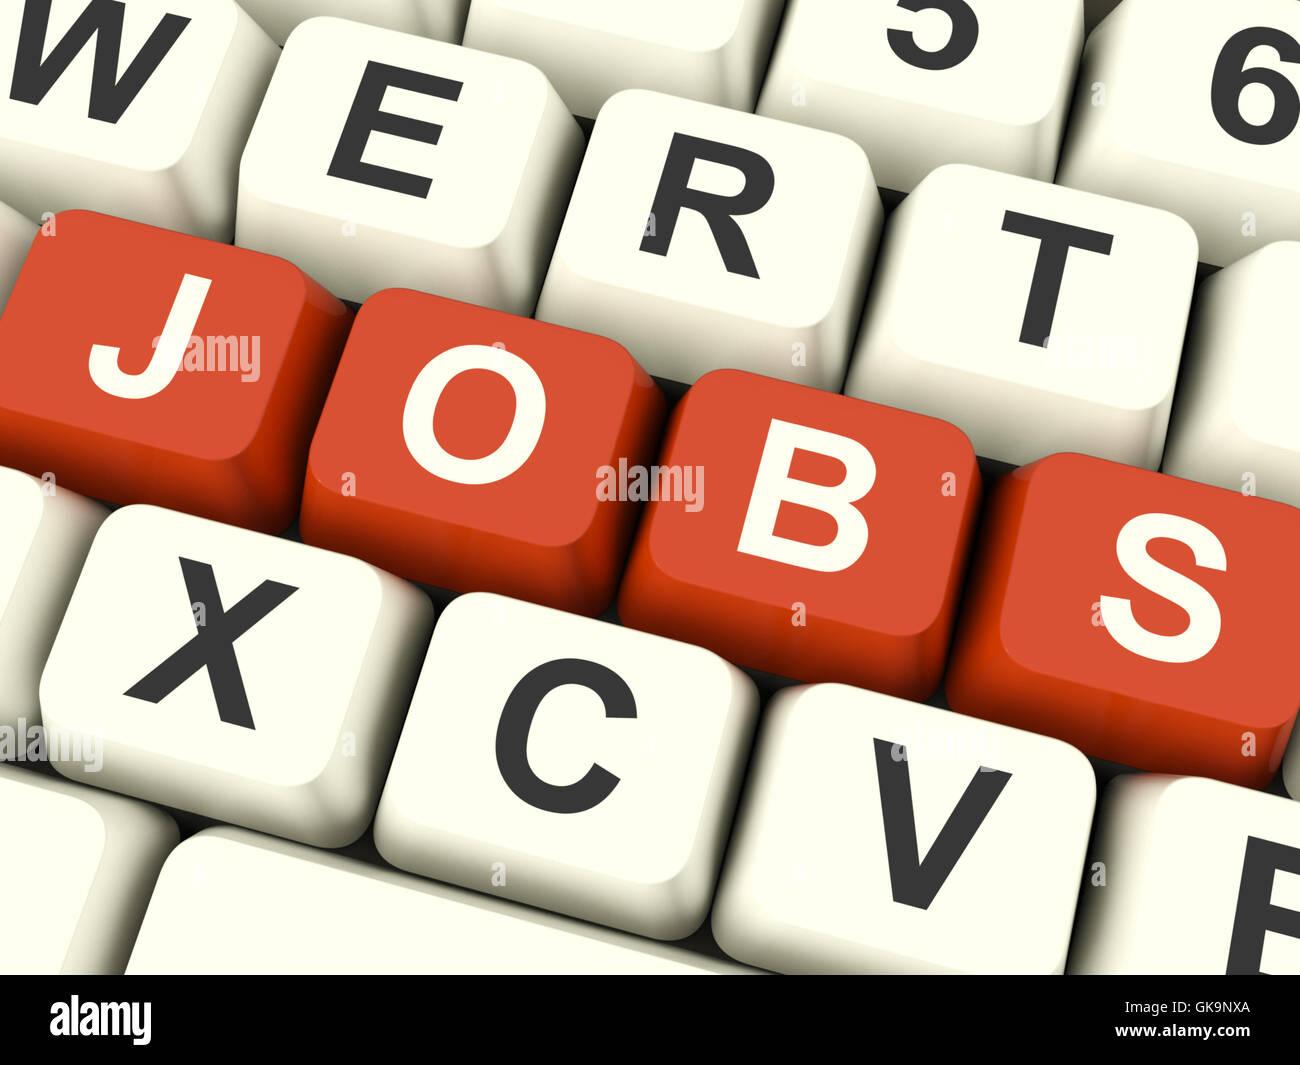 career job employ - Stock Image